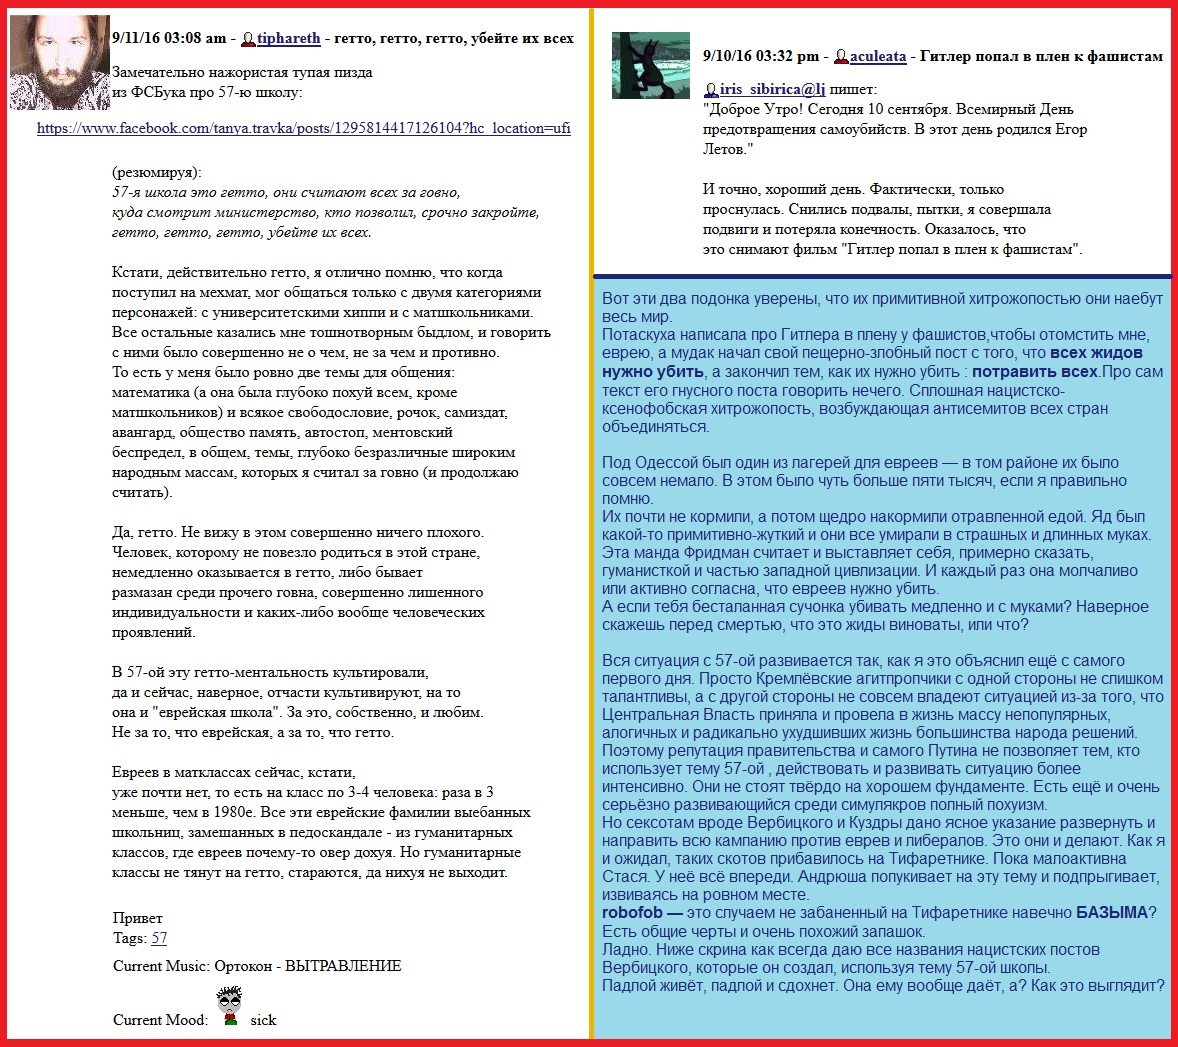 57, Вербицкий, Сексоты, Фридман, Школа, Выборы, провокация